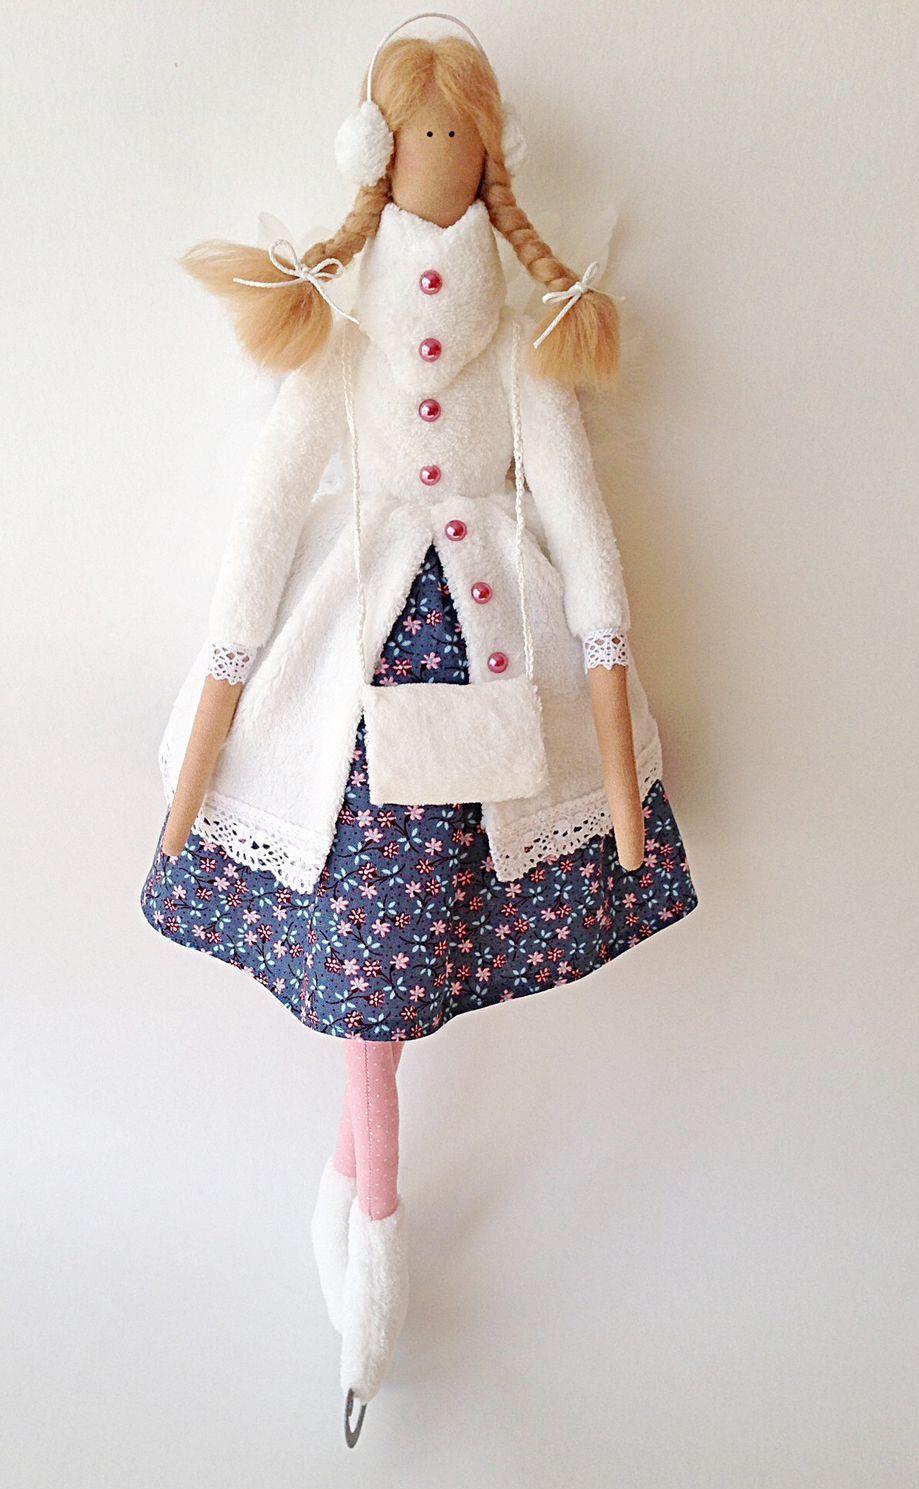 пару куклы тильда красивые картинки требование, что